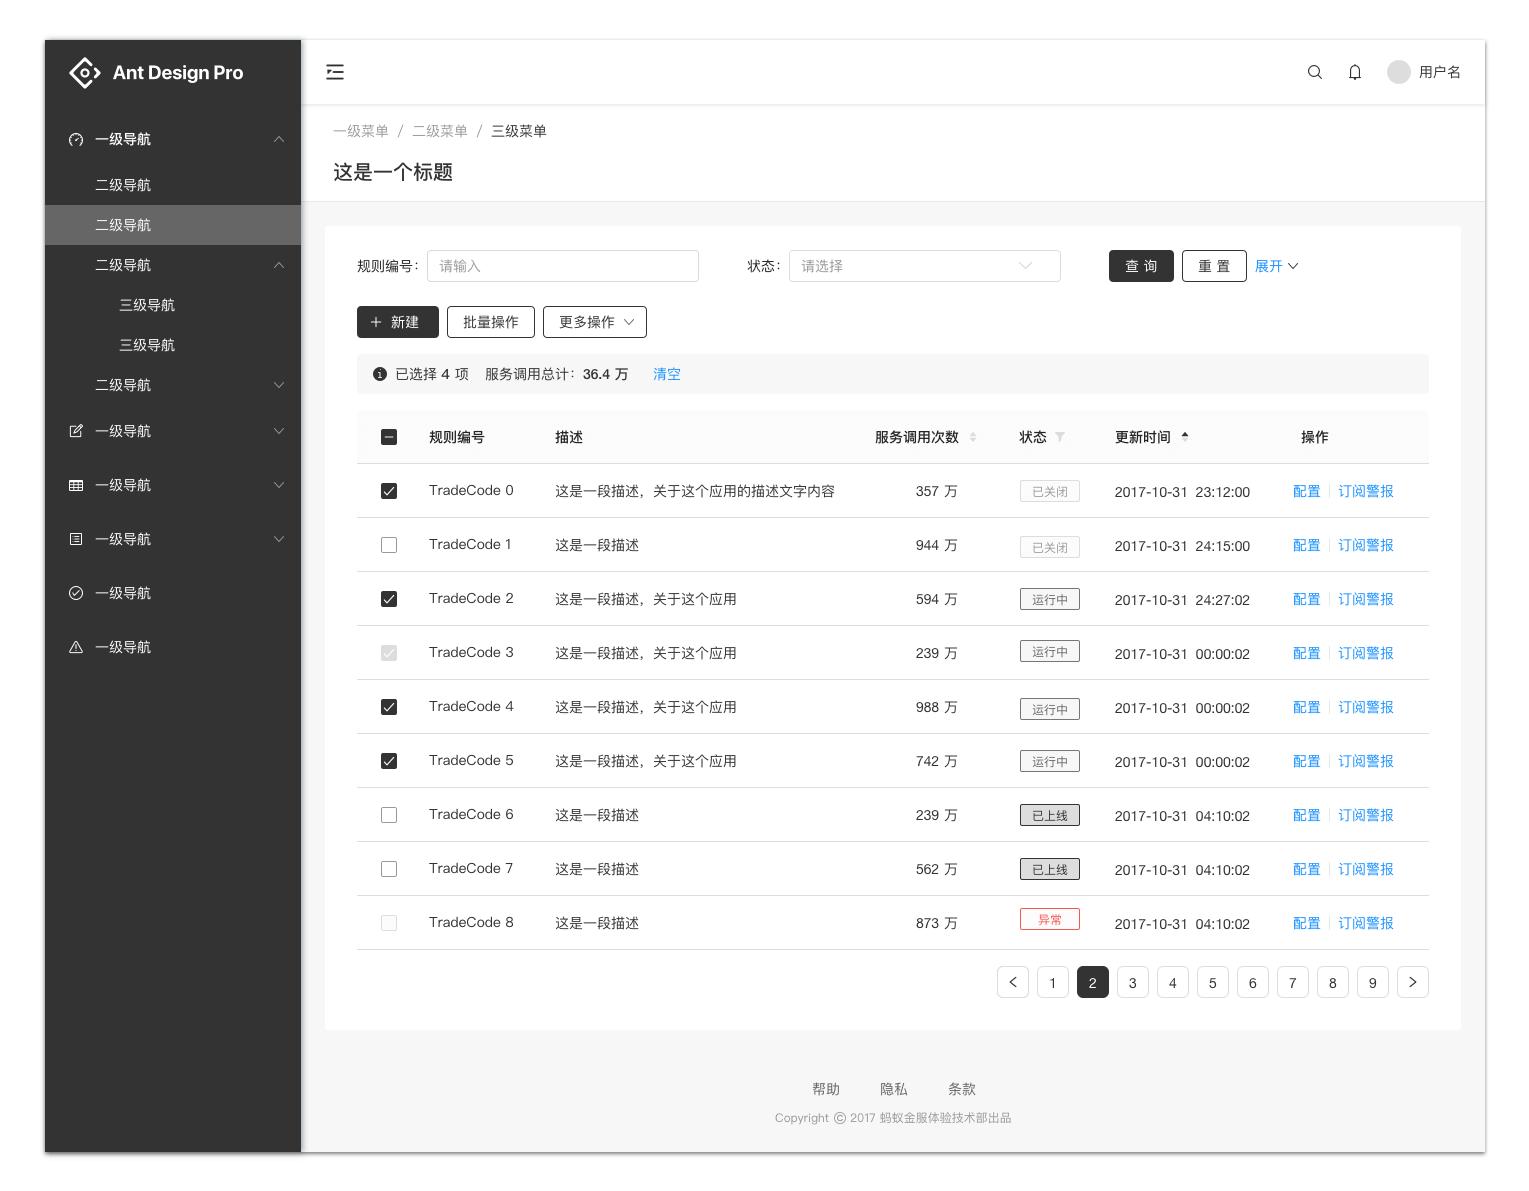 以 Ant Design 设计语言为例应用灰度配色方案